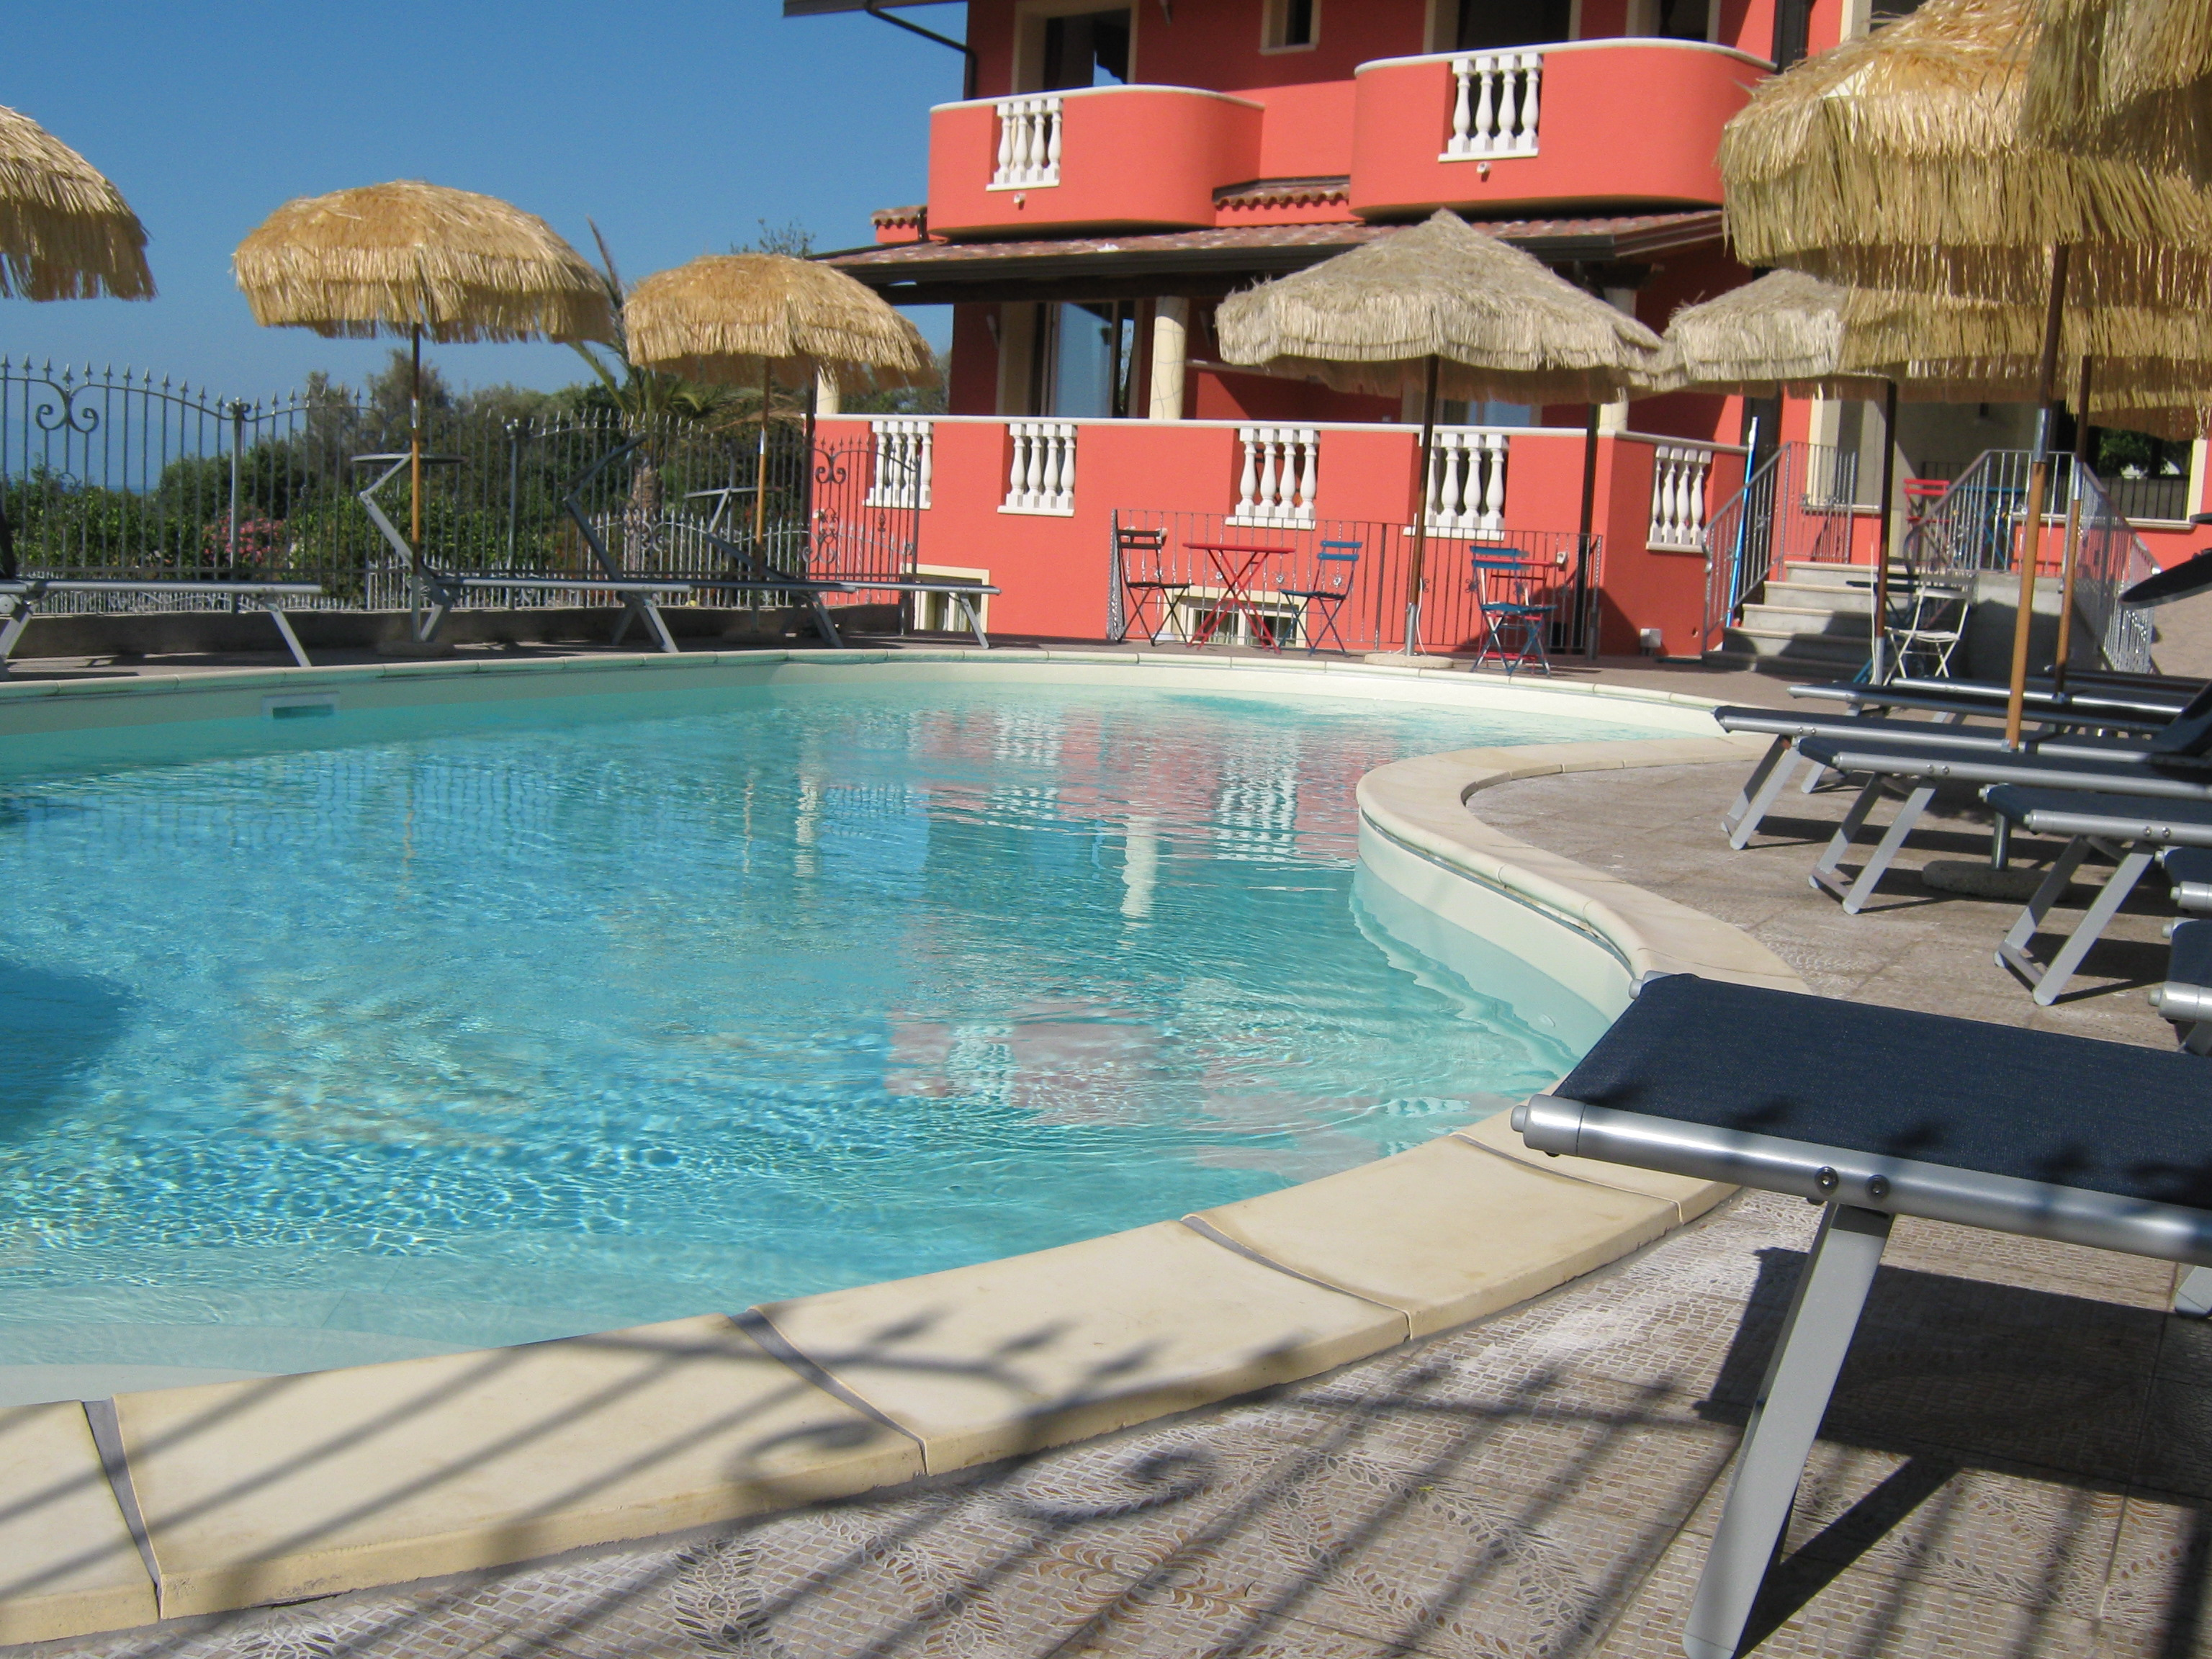 ホテル ボルゴ ディ サンタ バルバラ